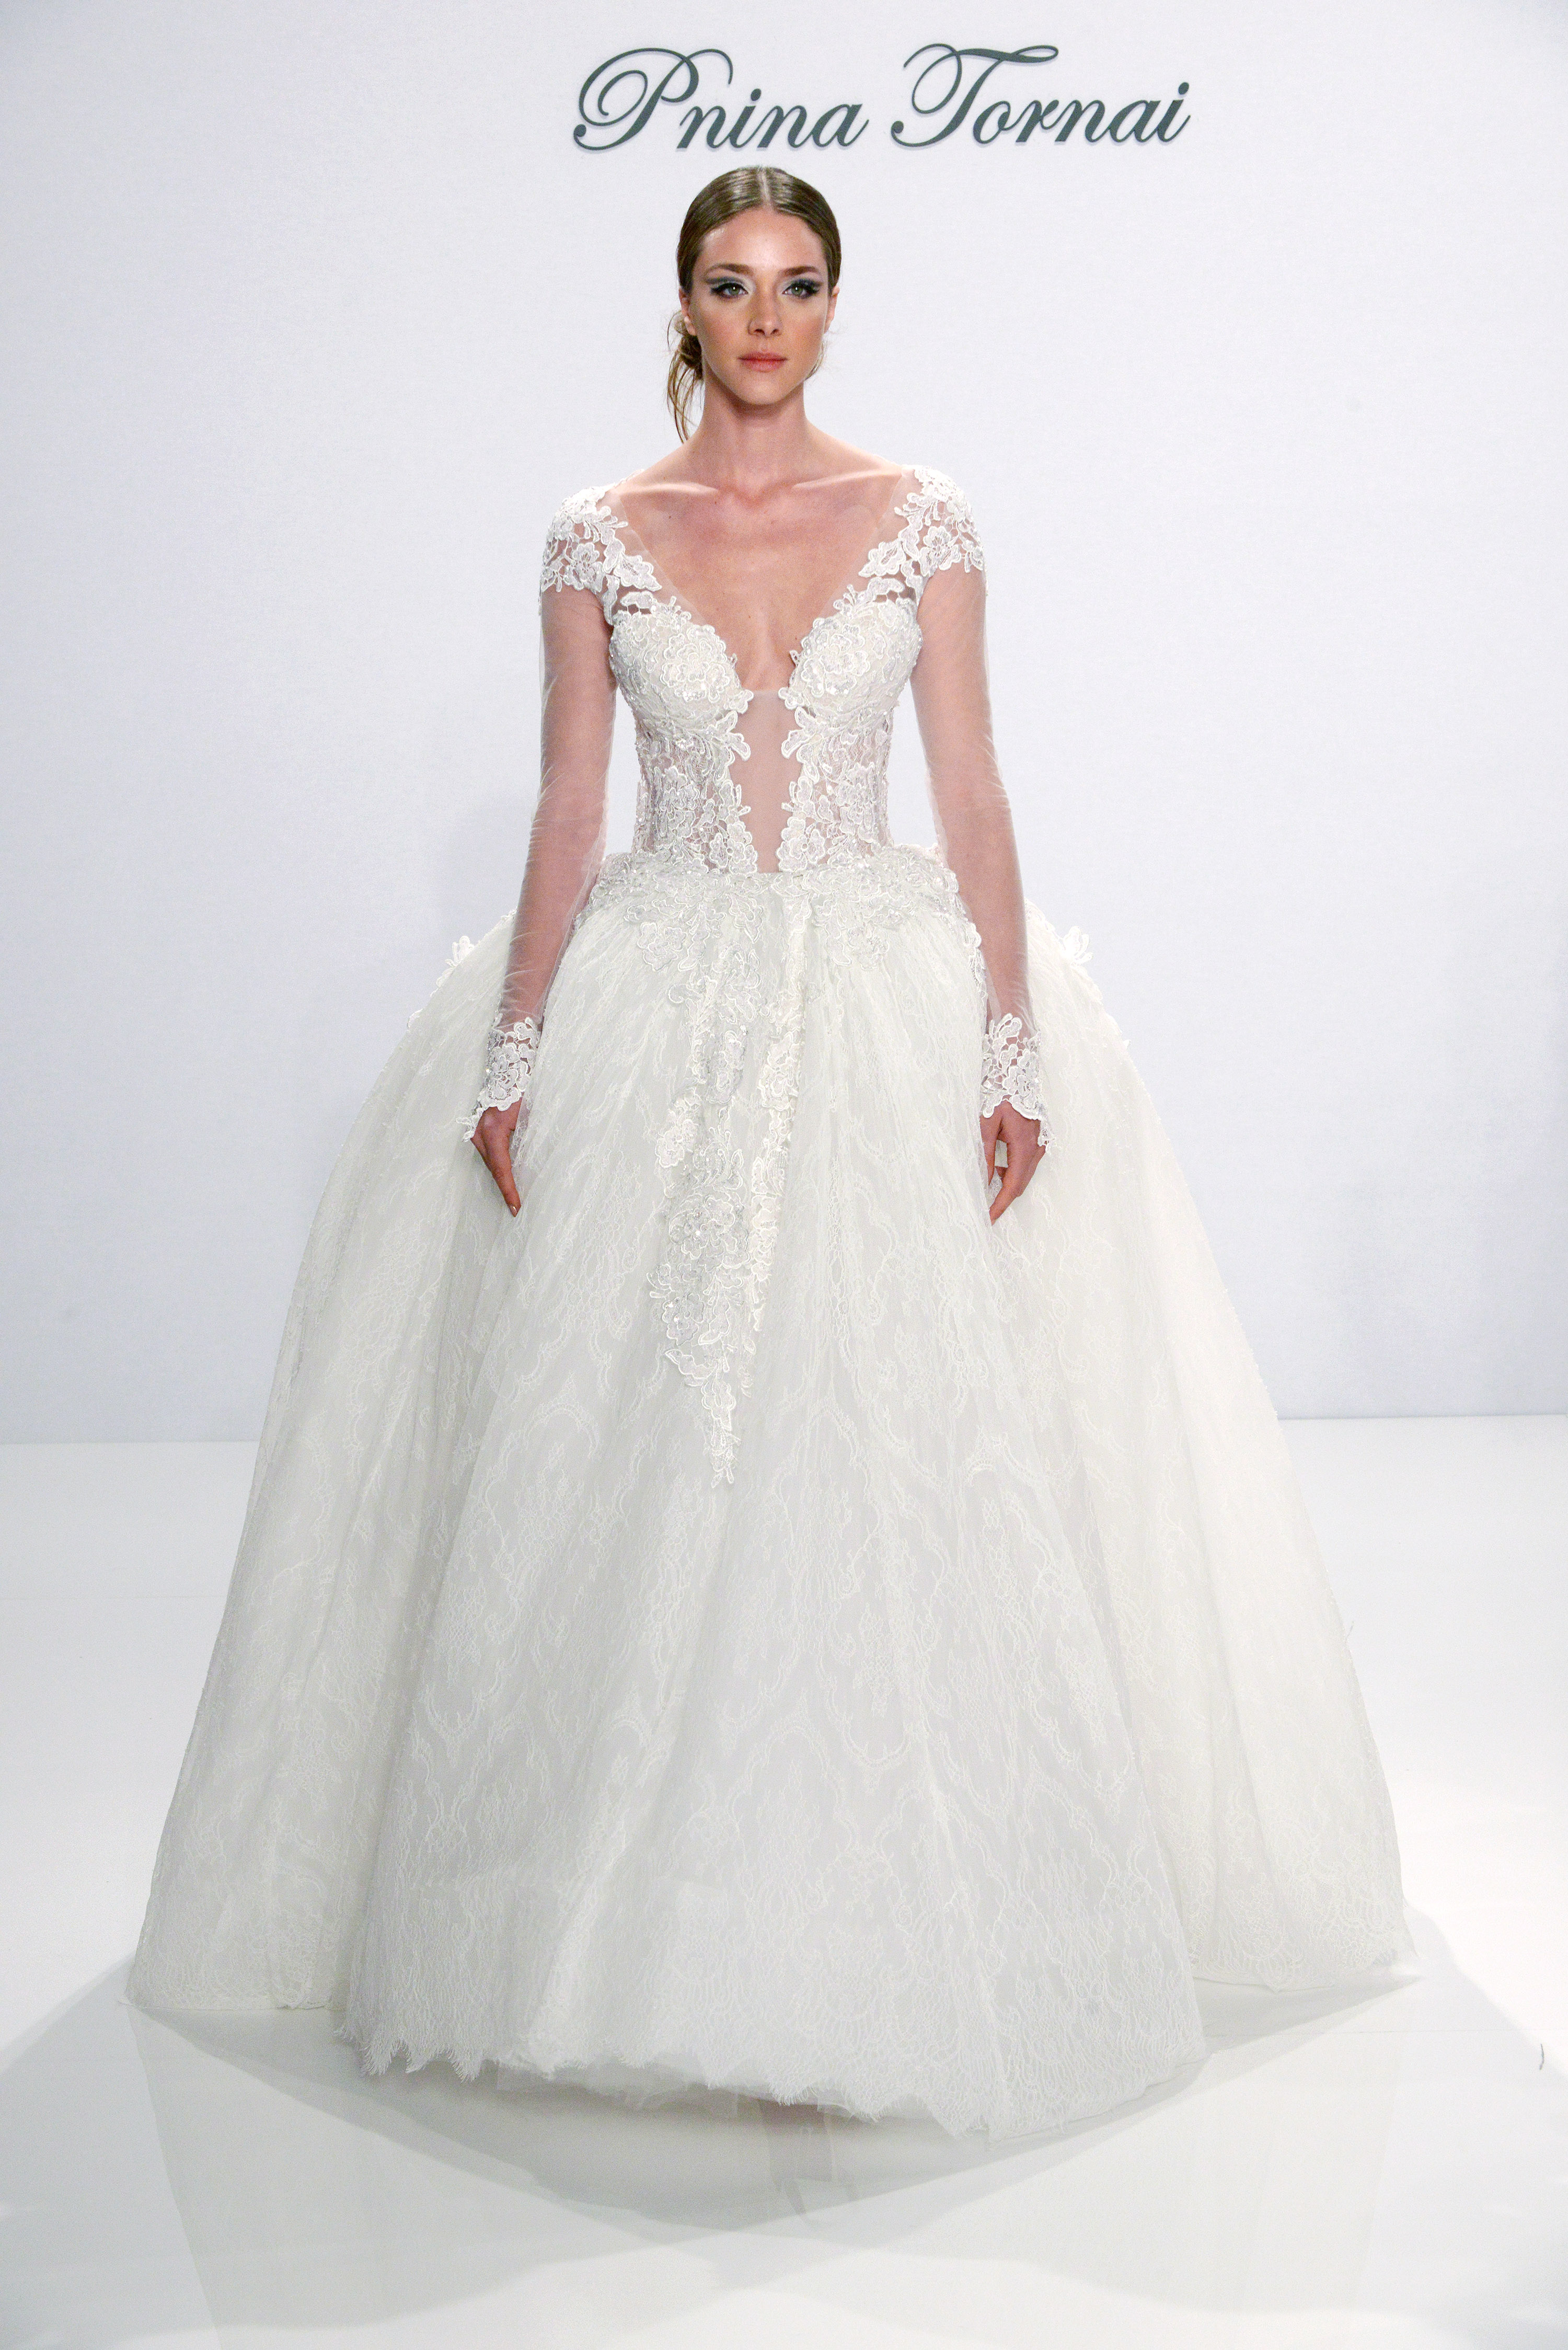 Pnina Tornai Fall 2017 wedding dress collection